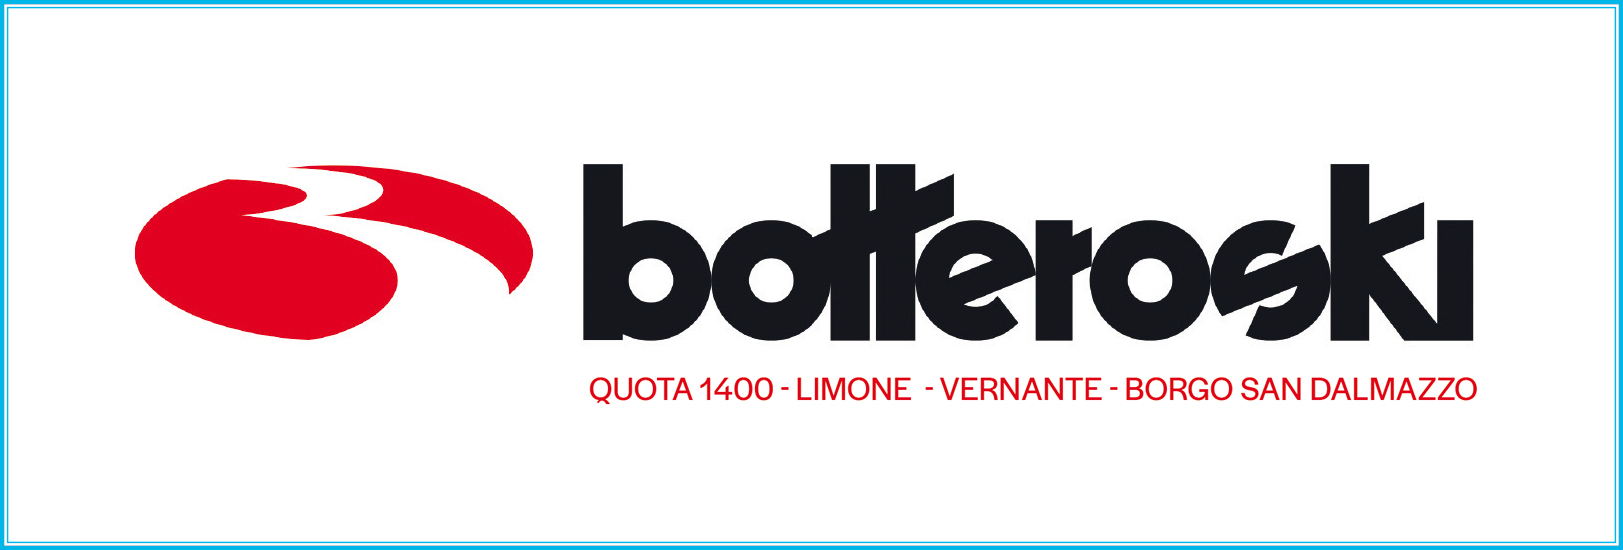 Bottero_2019